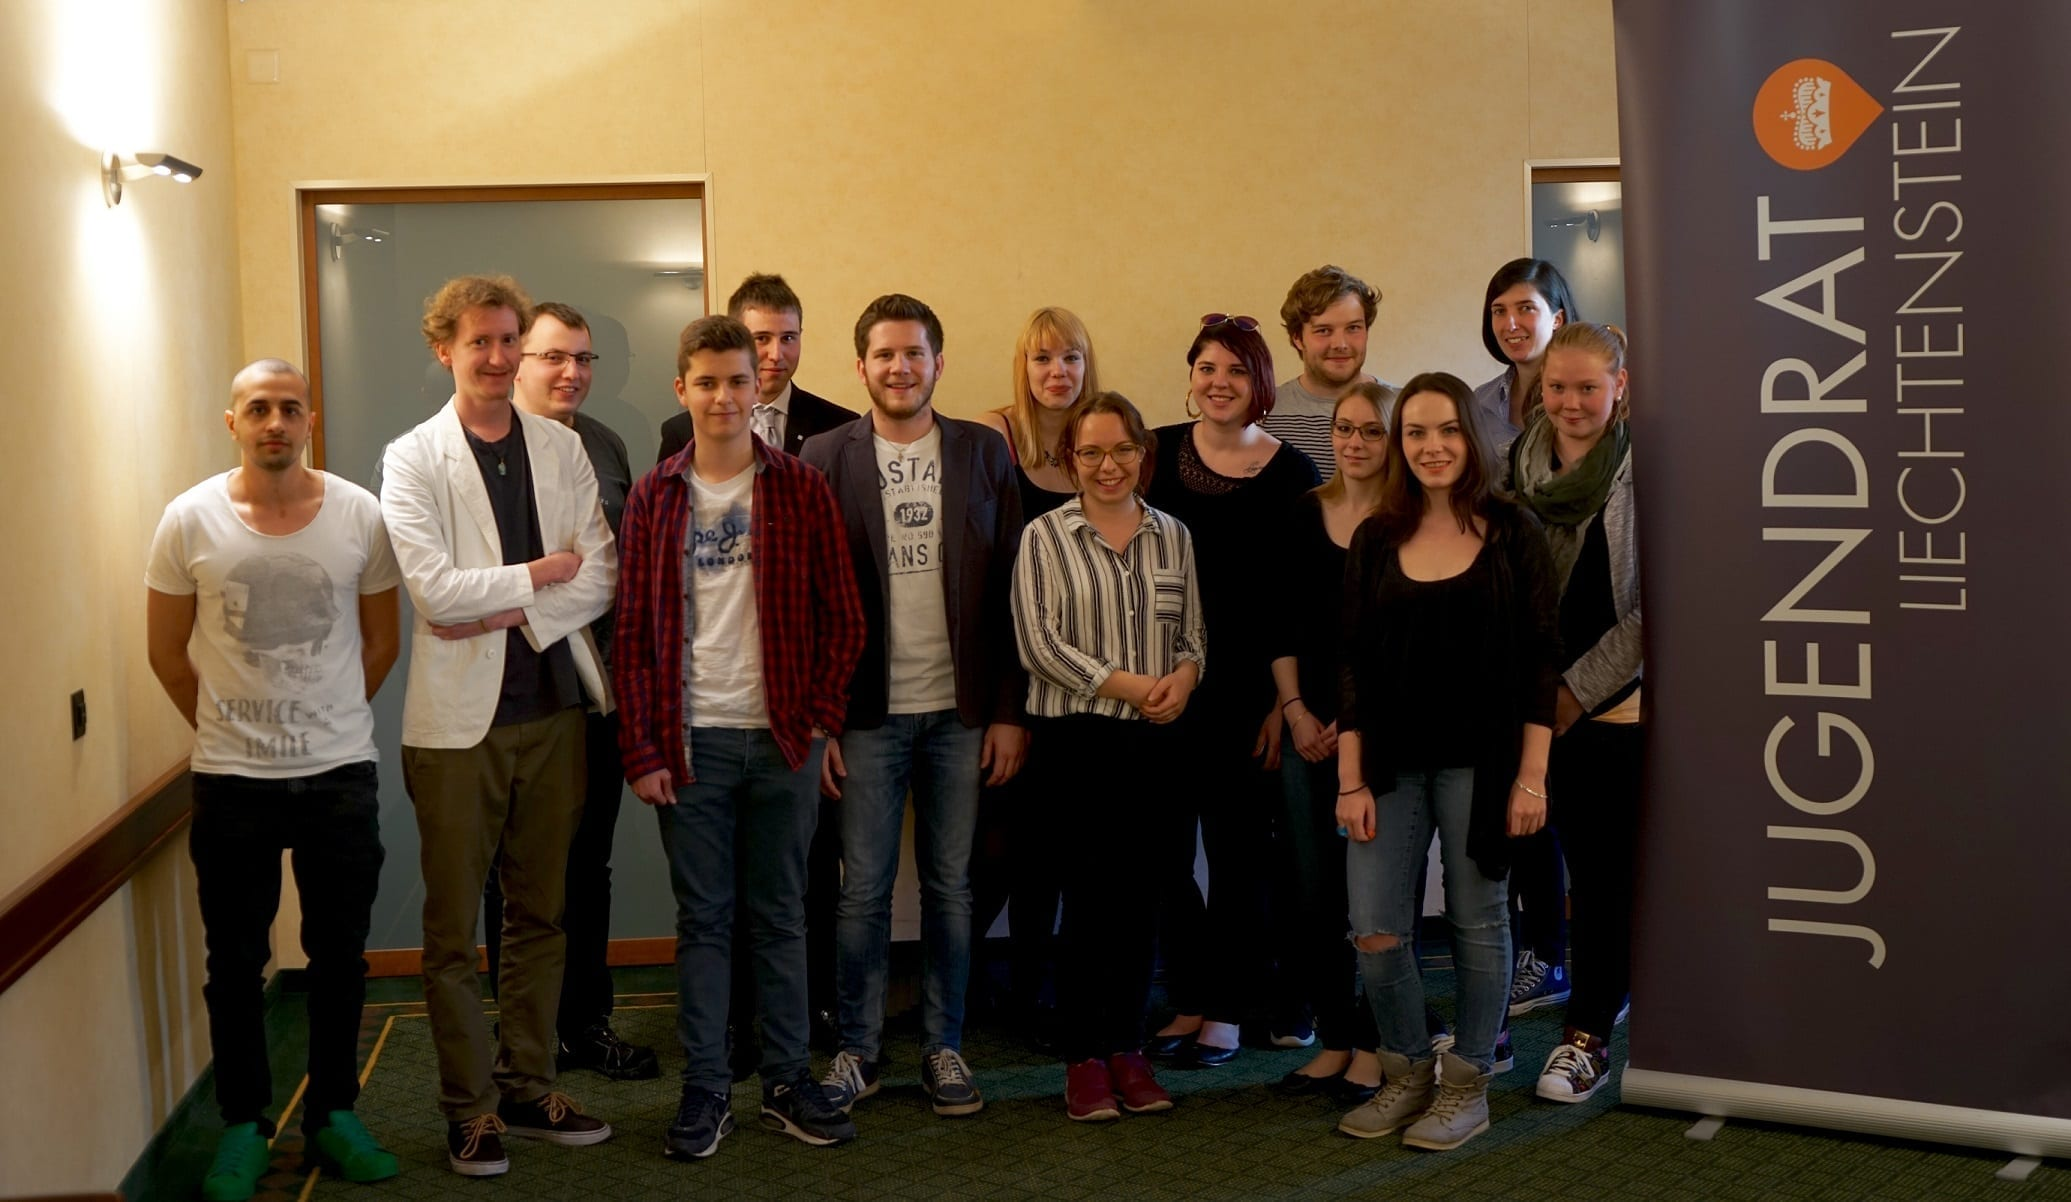 Jugendrat in Liechtenstein zieht Bilanz und blickt nach vorne